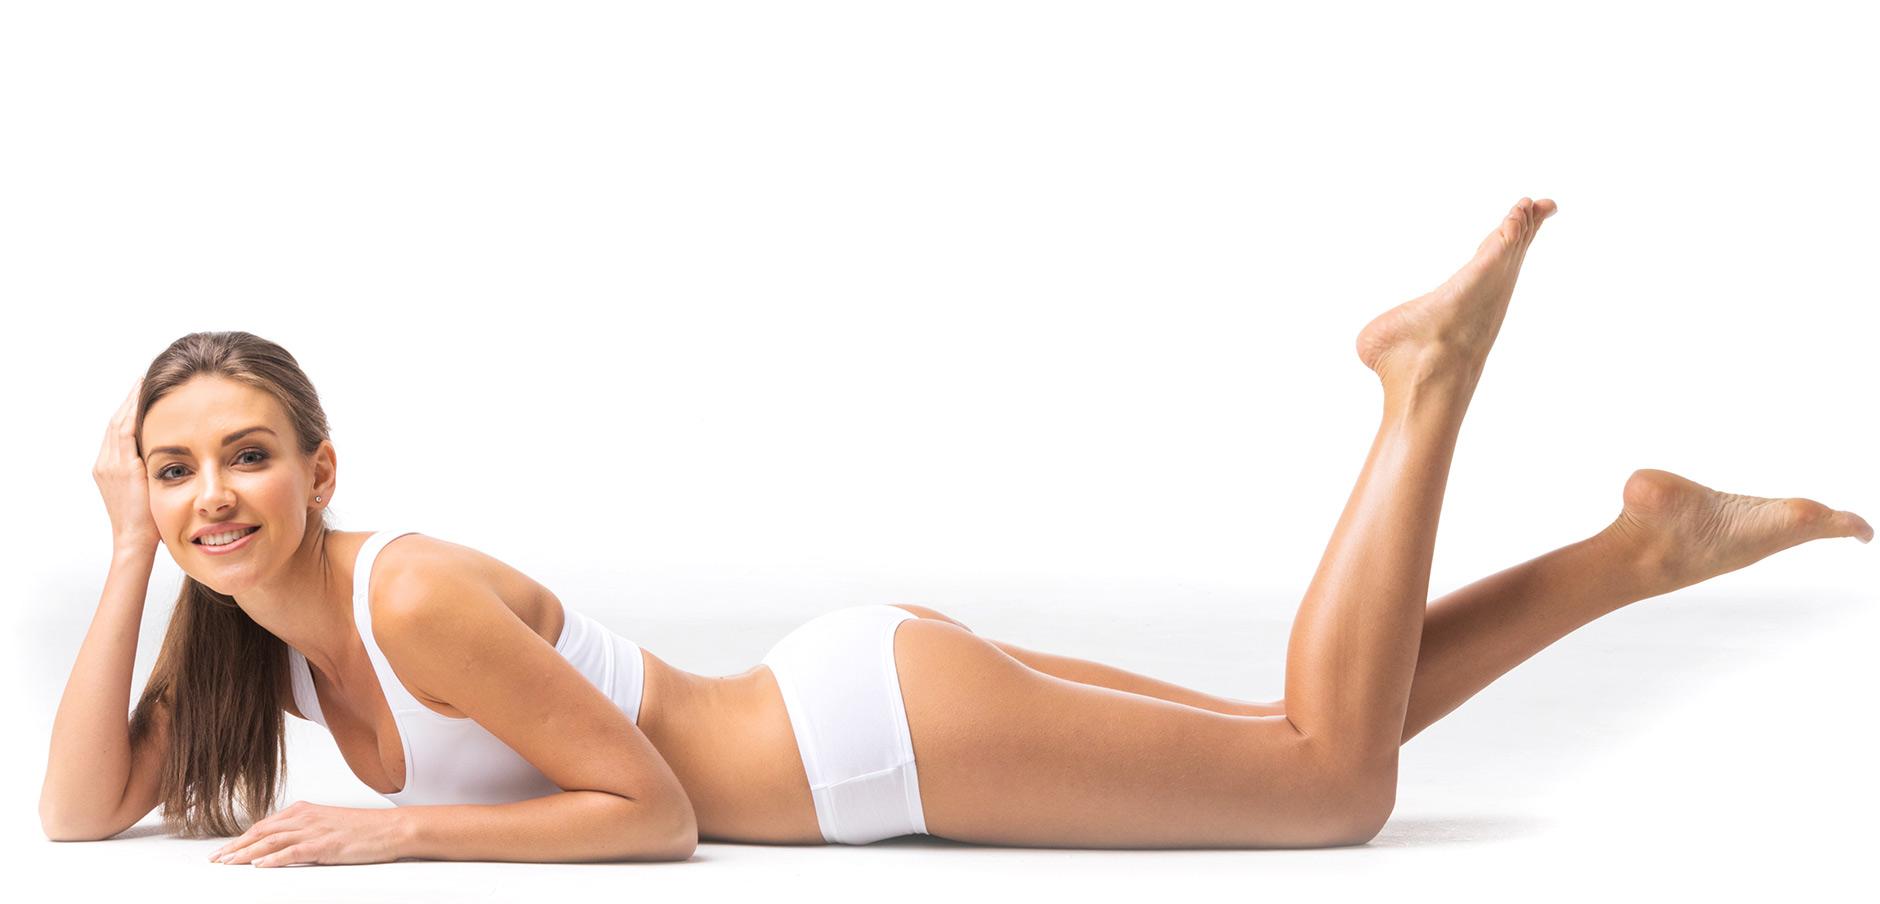 Haut und Körper